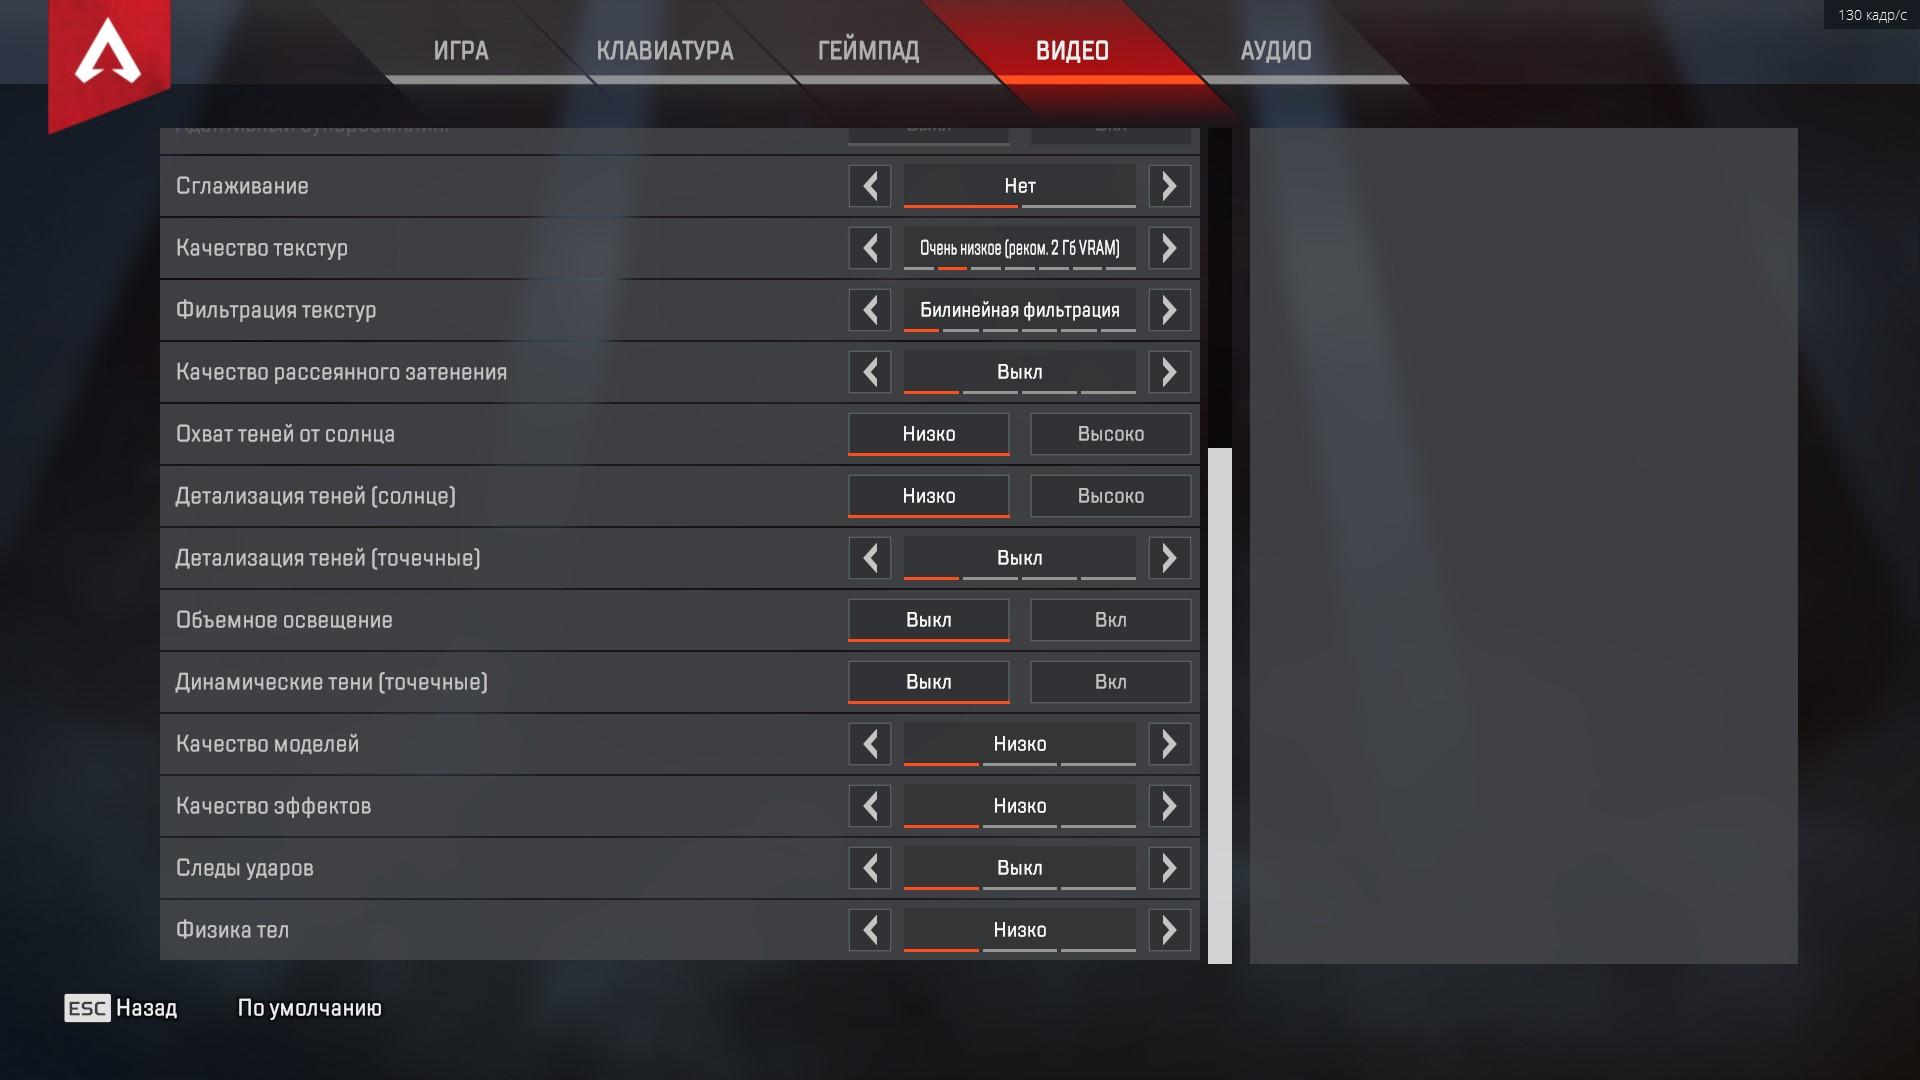 Очень сильно падает FPS в Apex Legends  - Answer HQ